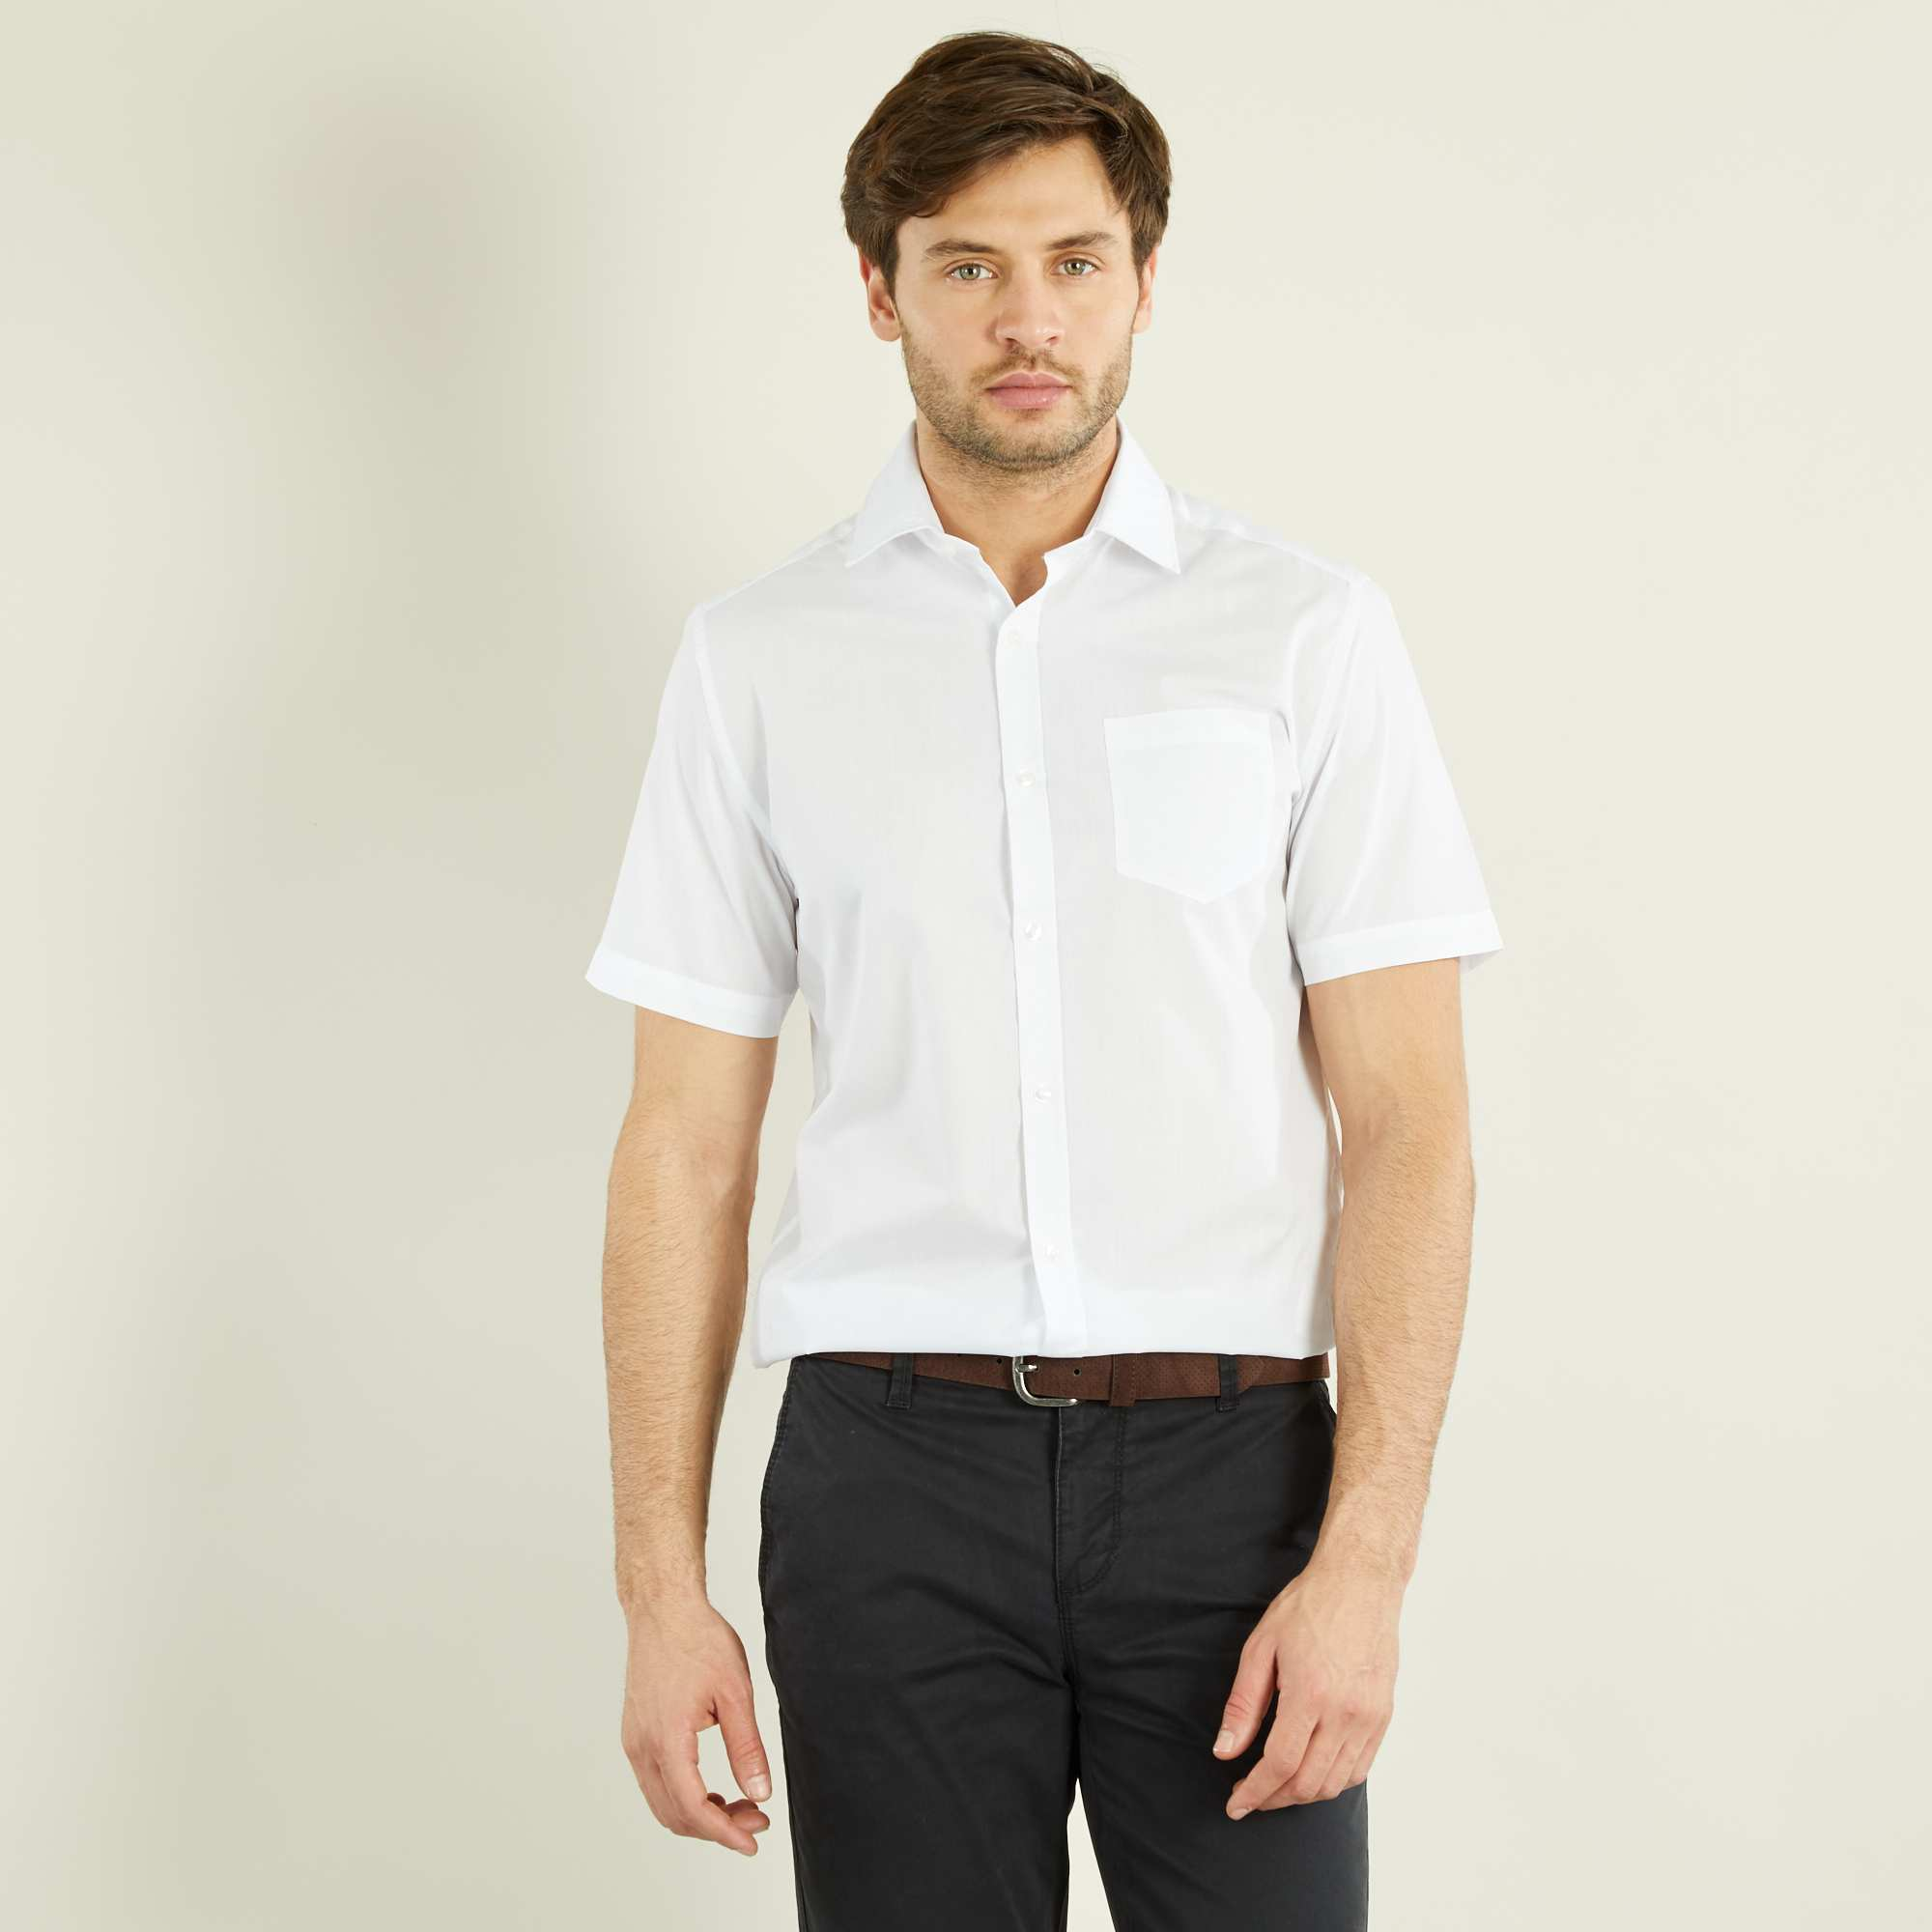 Couleur : blanc, , ,, - Taille : 37/38, , ,,Un look impeccable à petit prix ! - Chemise unie - Regular fit / coupe droite -